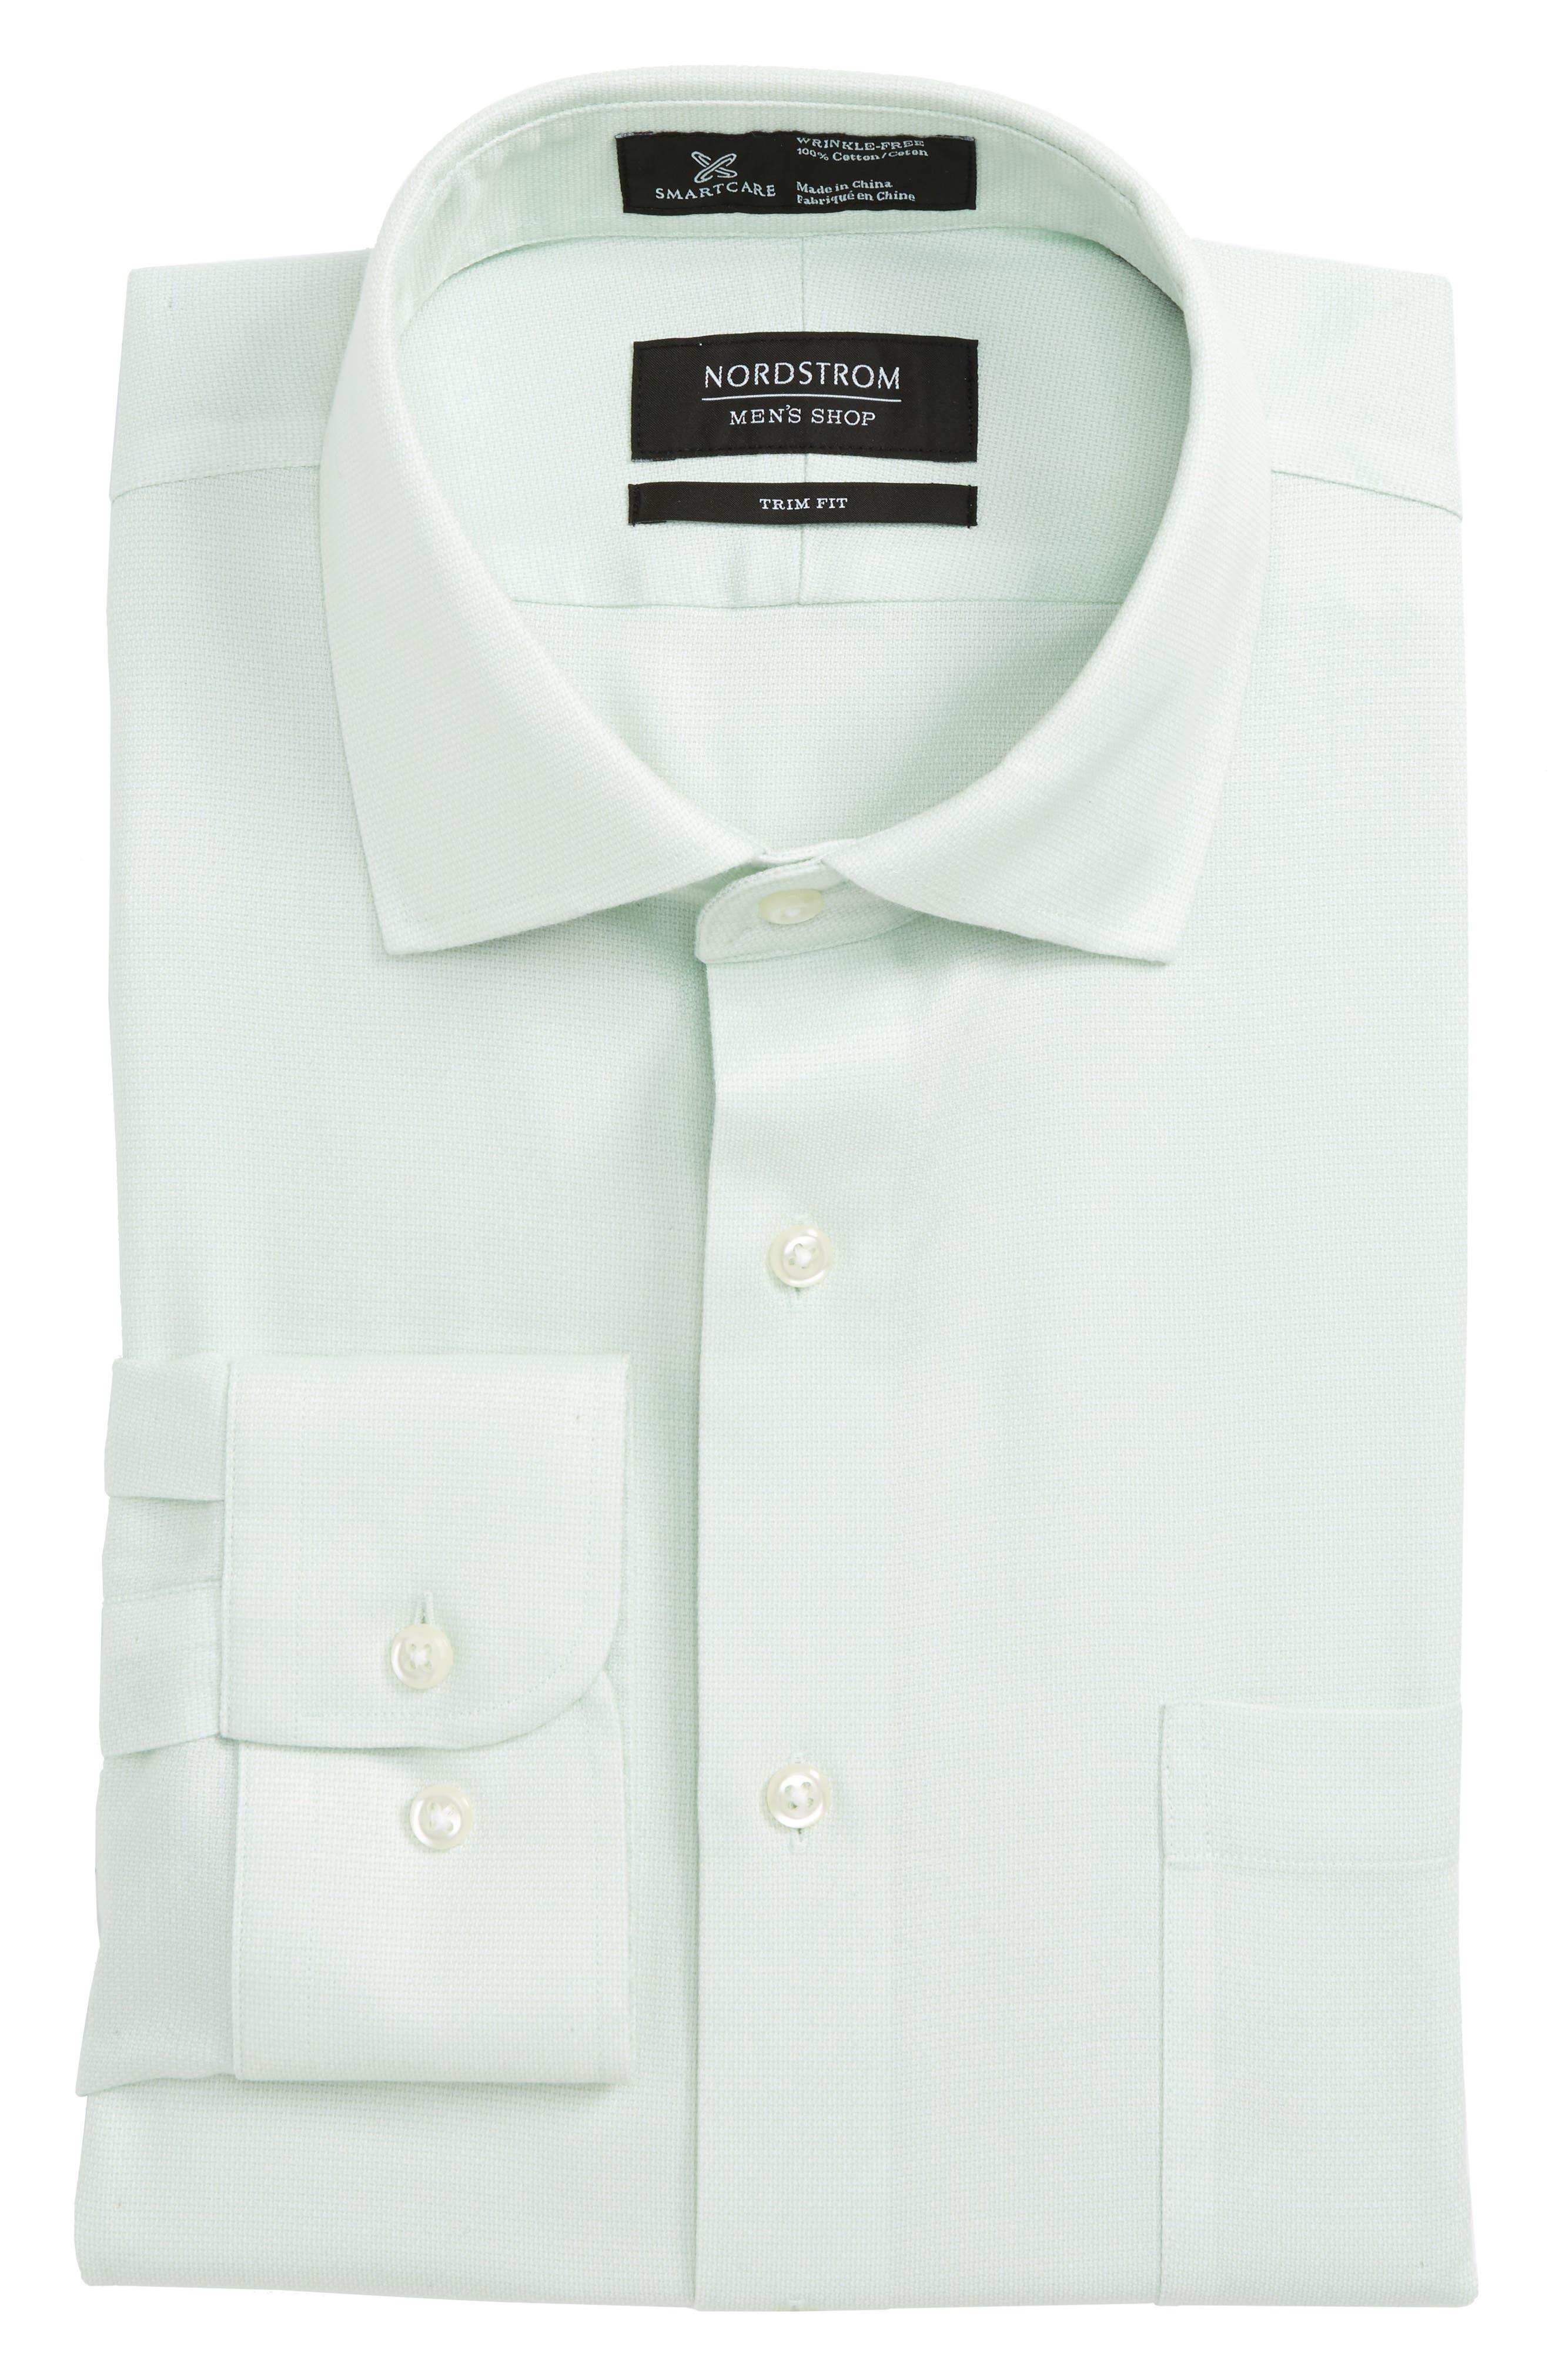 Smartcare<sup>™</sup> Trim Fit Oxford Dress Shirt, Main, color, 330